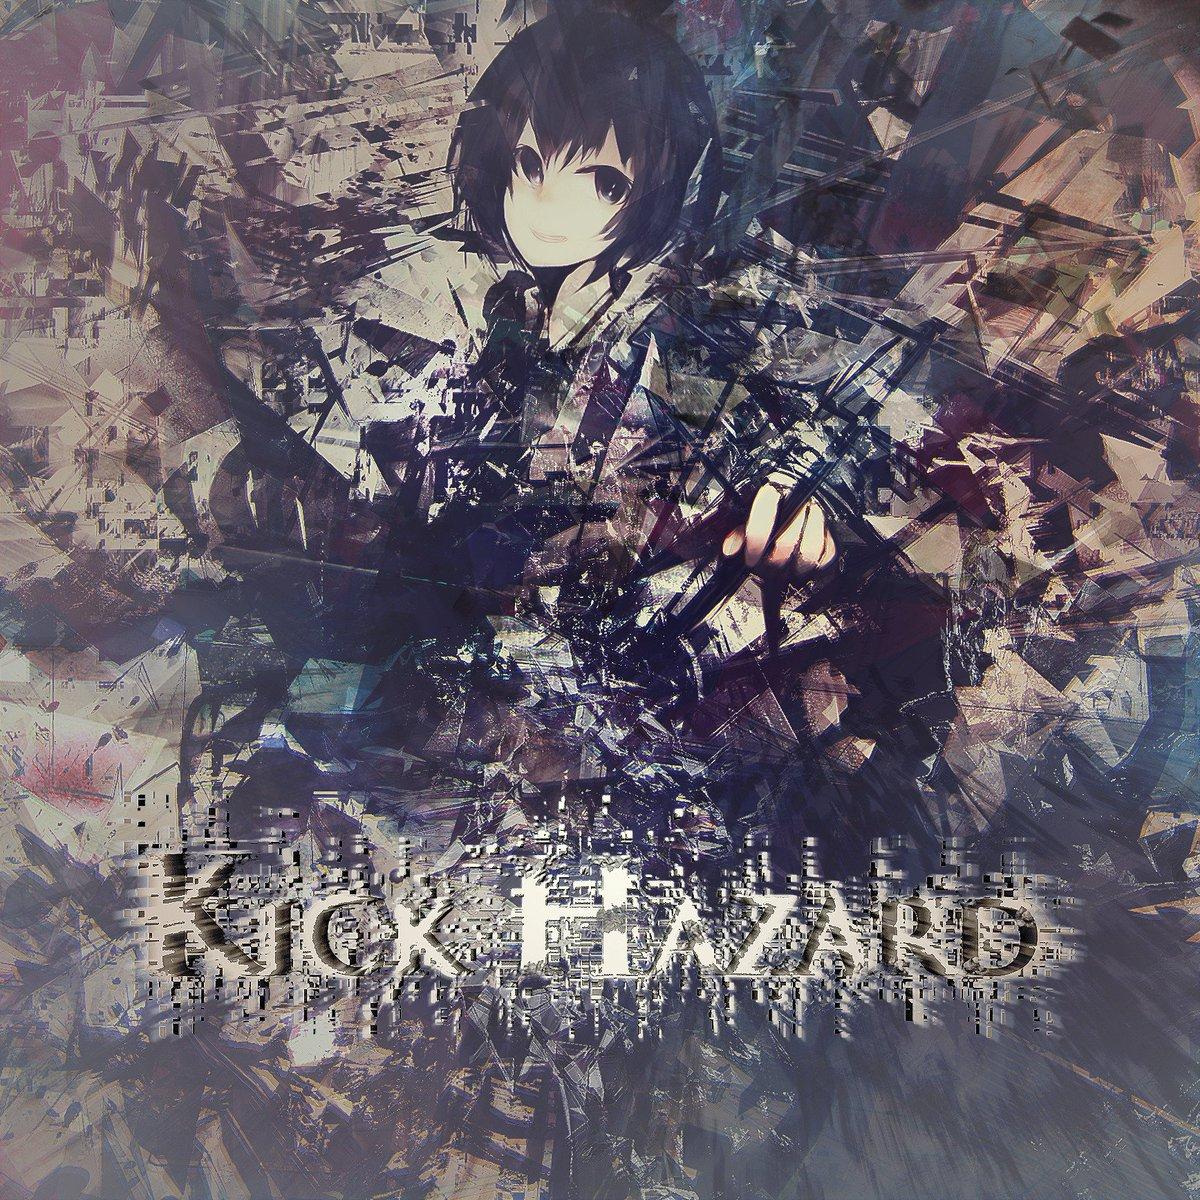 キック強いコンピことKICK HAZARD本日リリースしました!総44曲のキックが強い曲を収録し、フリーリリース!ダウンロードはURLから! お願いします! https://t.co/asOY91XU0c  #Kickhazard https://t.co/PVjkwhKjvi